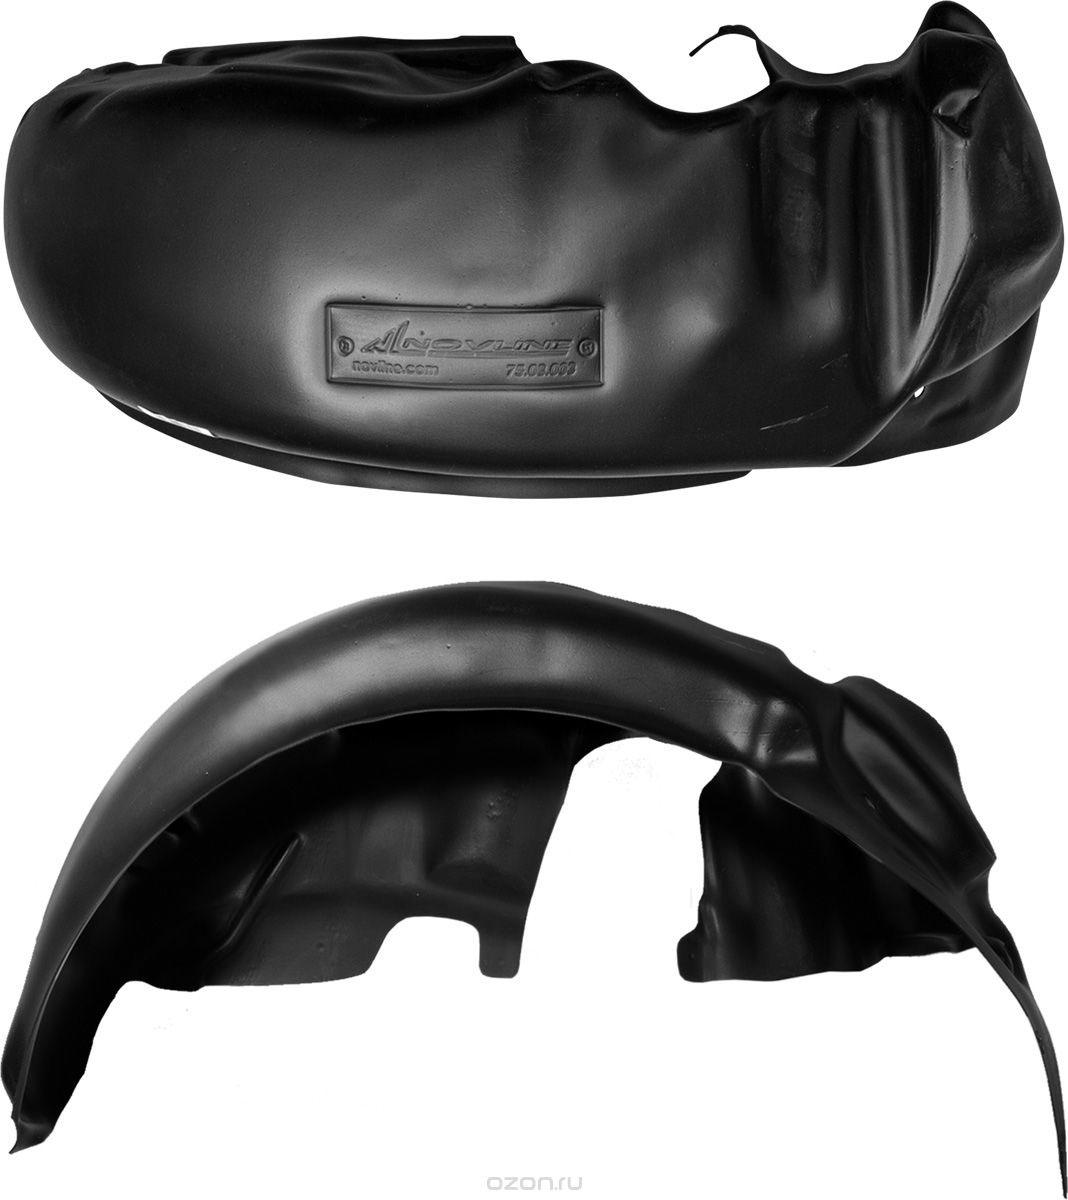 Подкрылок Novline-Autofamily, для Ford Fiesta, 2015->, седан/хэтчбек, передний левыйNLL.16.60.001Идеальная защита колесной ниши. Локеры разработаны с применением цифровых технологий, гарантируют максимальную повторяемость поверхности арки. Изделия устанавливаются без нарушения лакокрасочного покрытия автомобиля, каждый подкрылок комплектуется крепежом. Уважаемые клиенты, обращаем ваше внимание, что фотографии на подкрылки универсальные и не отражают реальную форму изделия. При этом само изделие идет точно под размер указанного автомобиля.